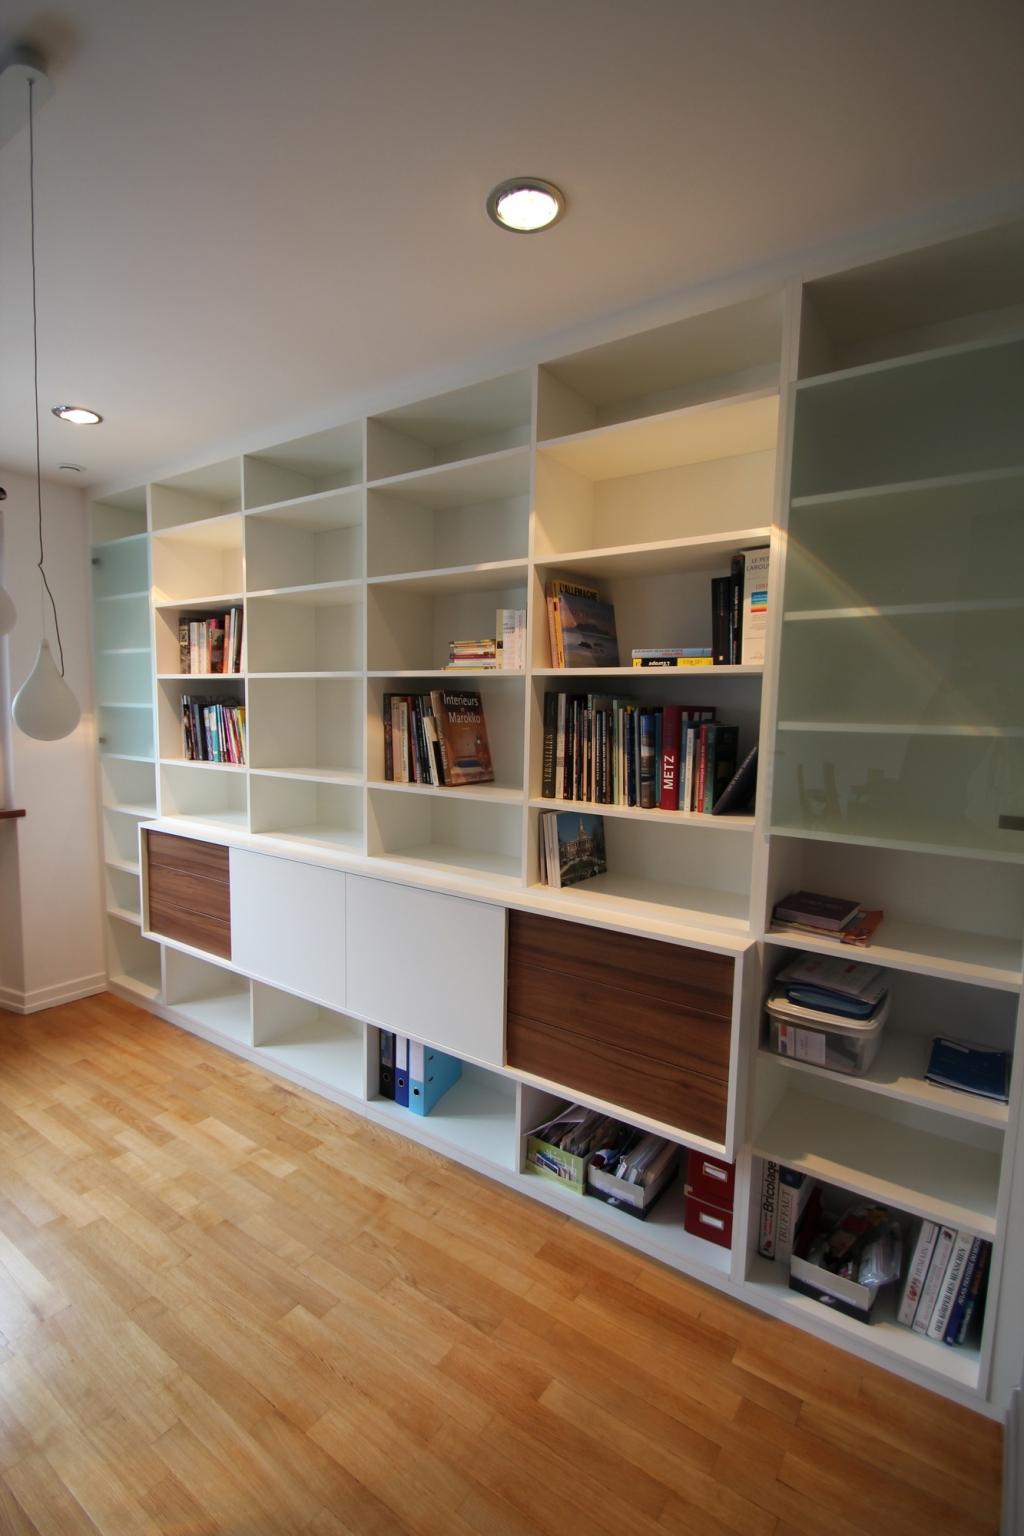 mobilier sur mesure lynium metz. Black Bedroom Furniture Sets. Home Design Ideas